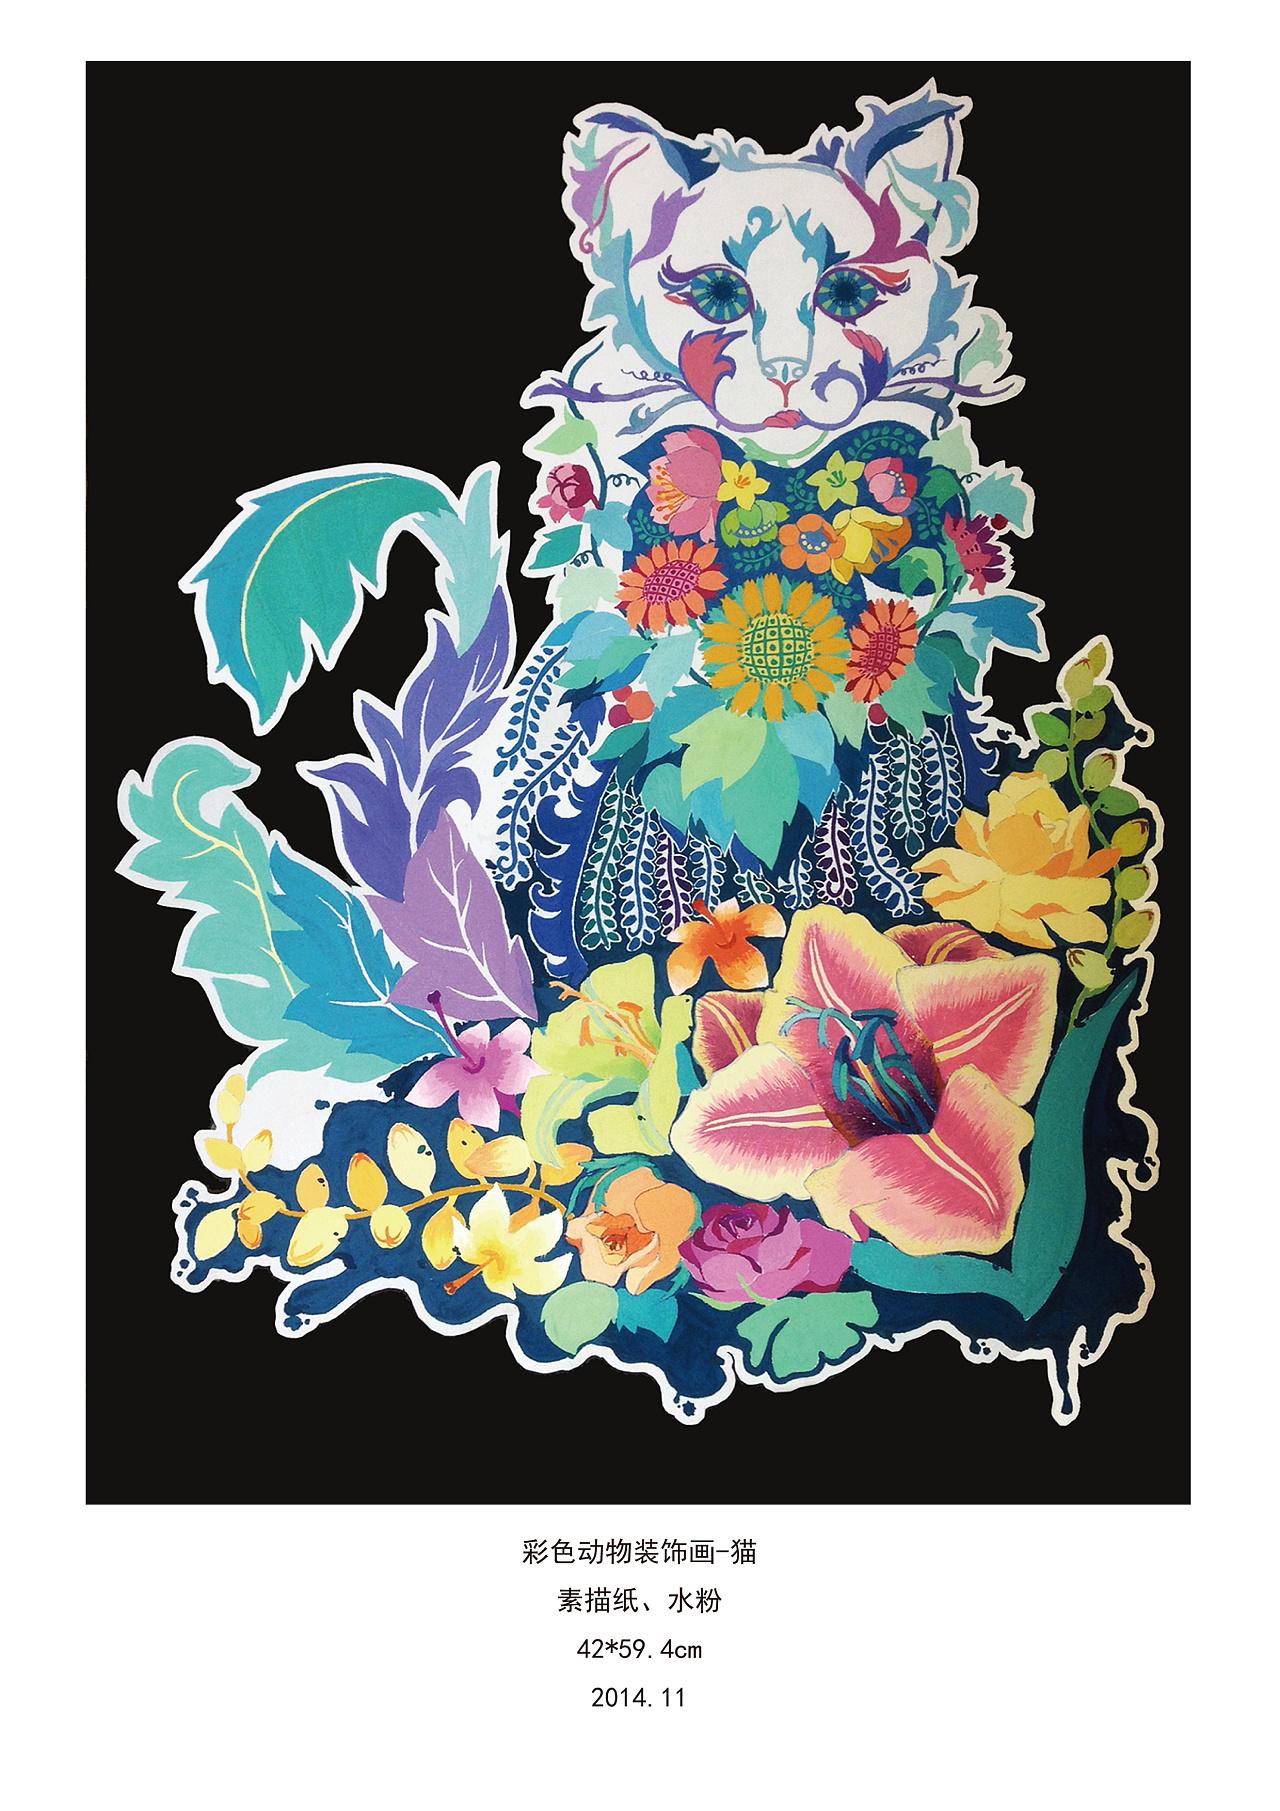 动植物装饰画系列